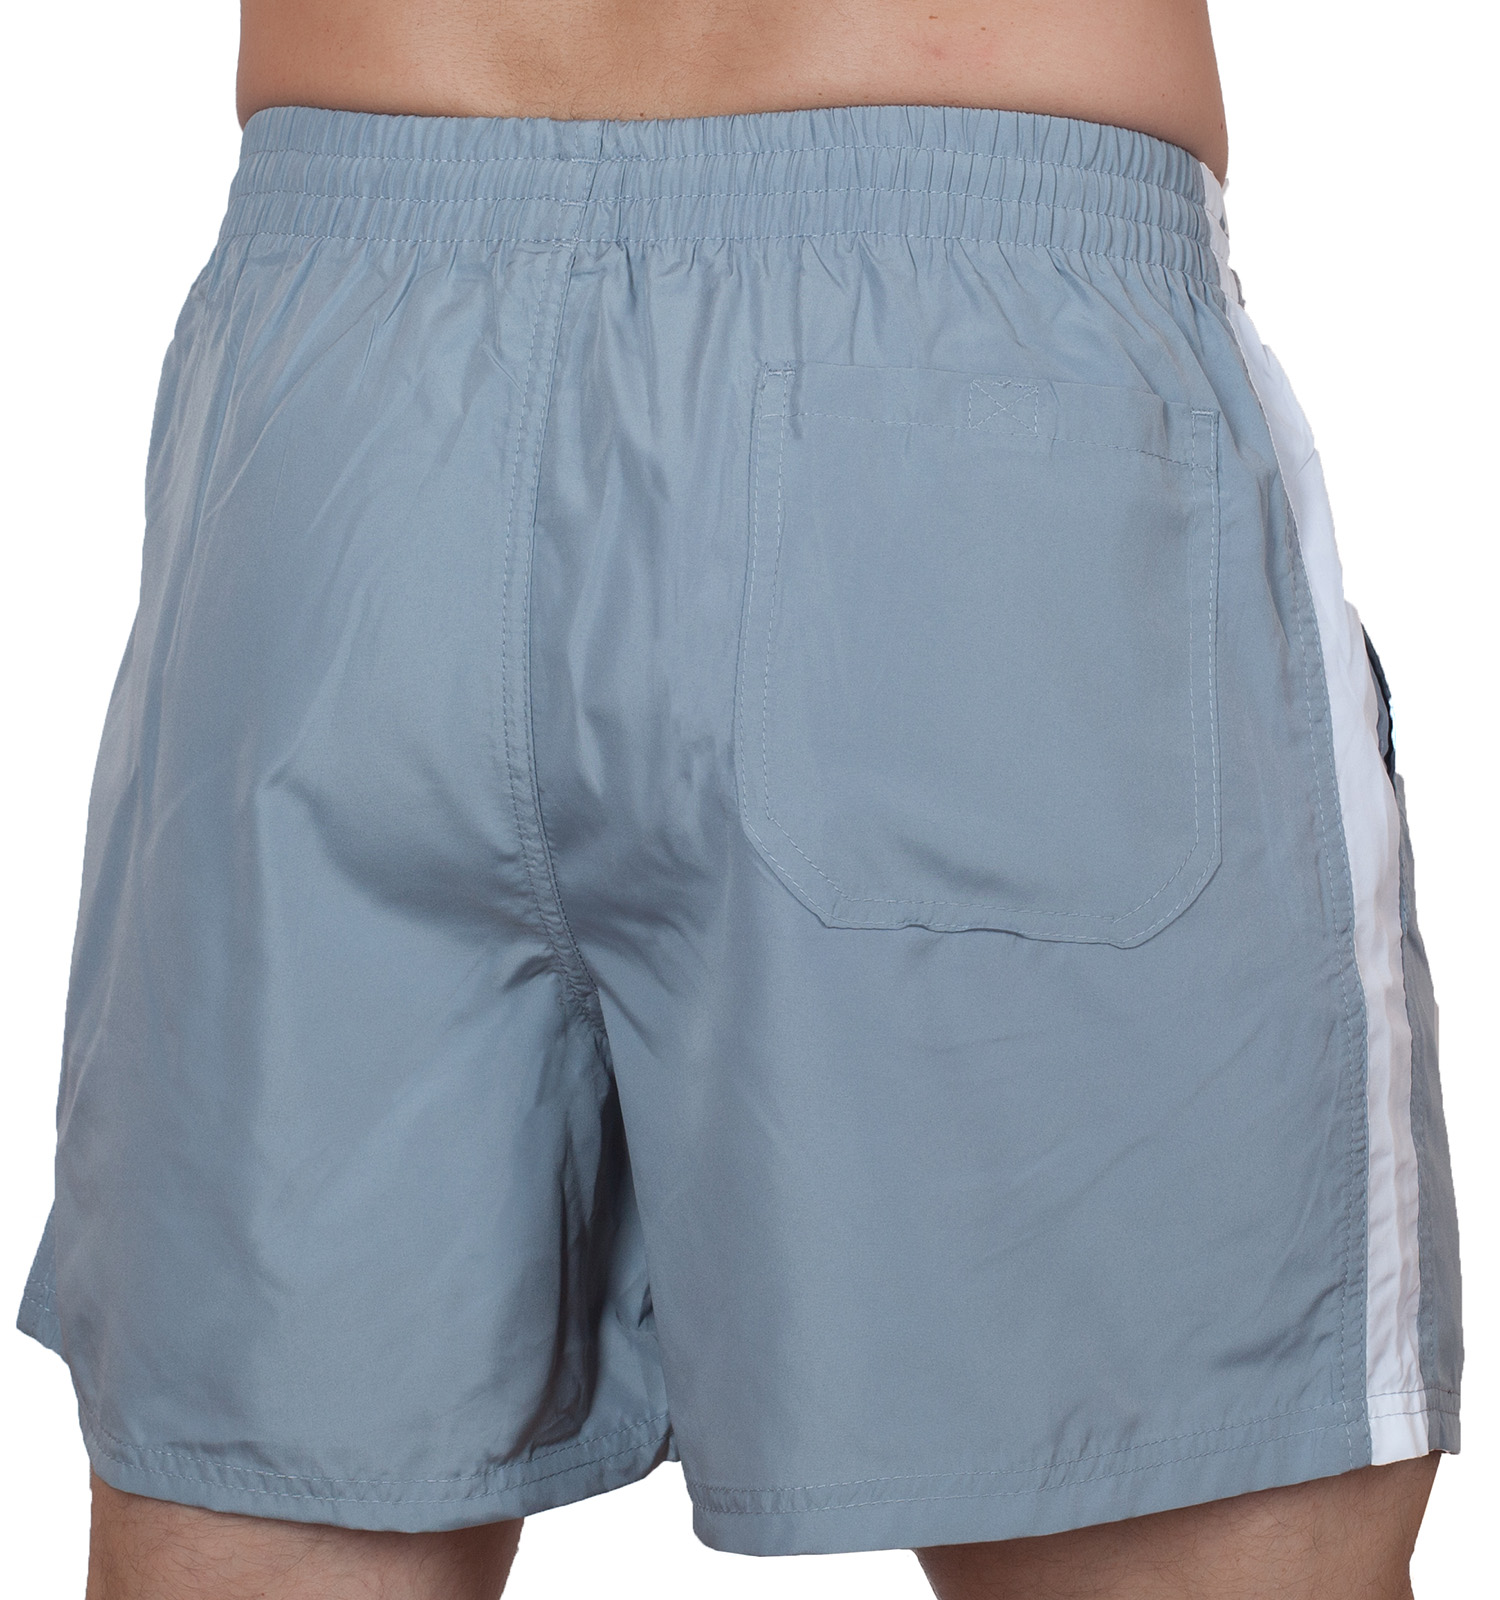 Короткие шорты для пляжа от MACE по лучшей цене